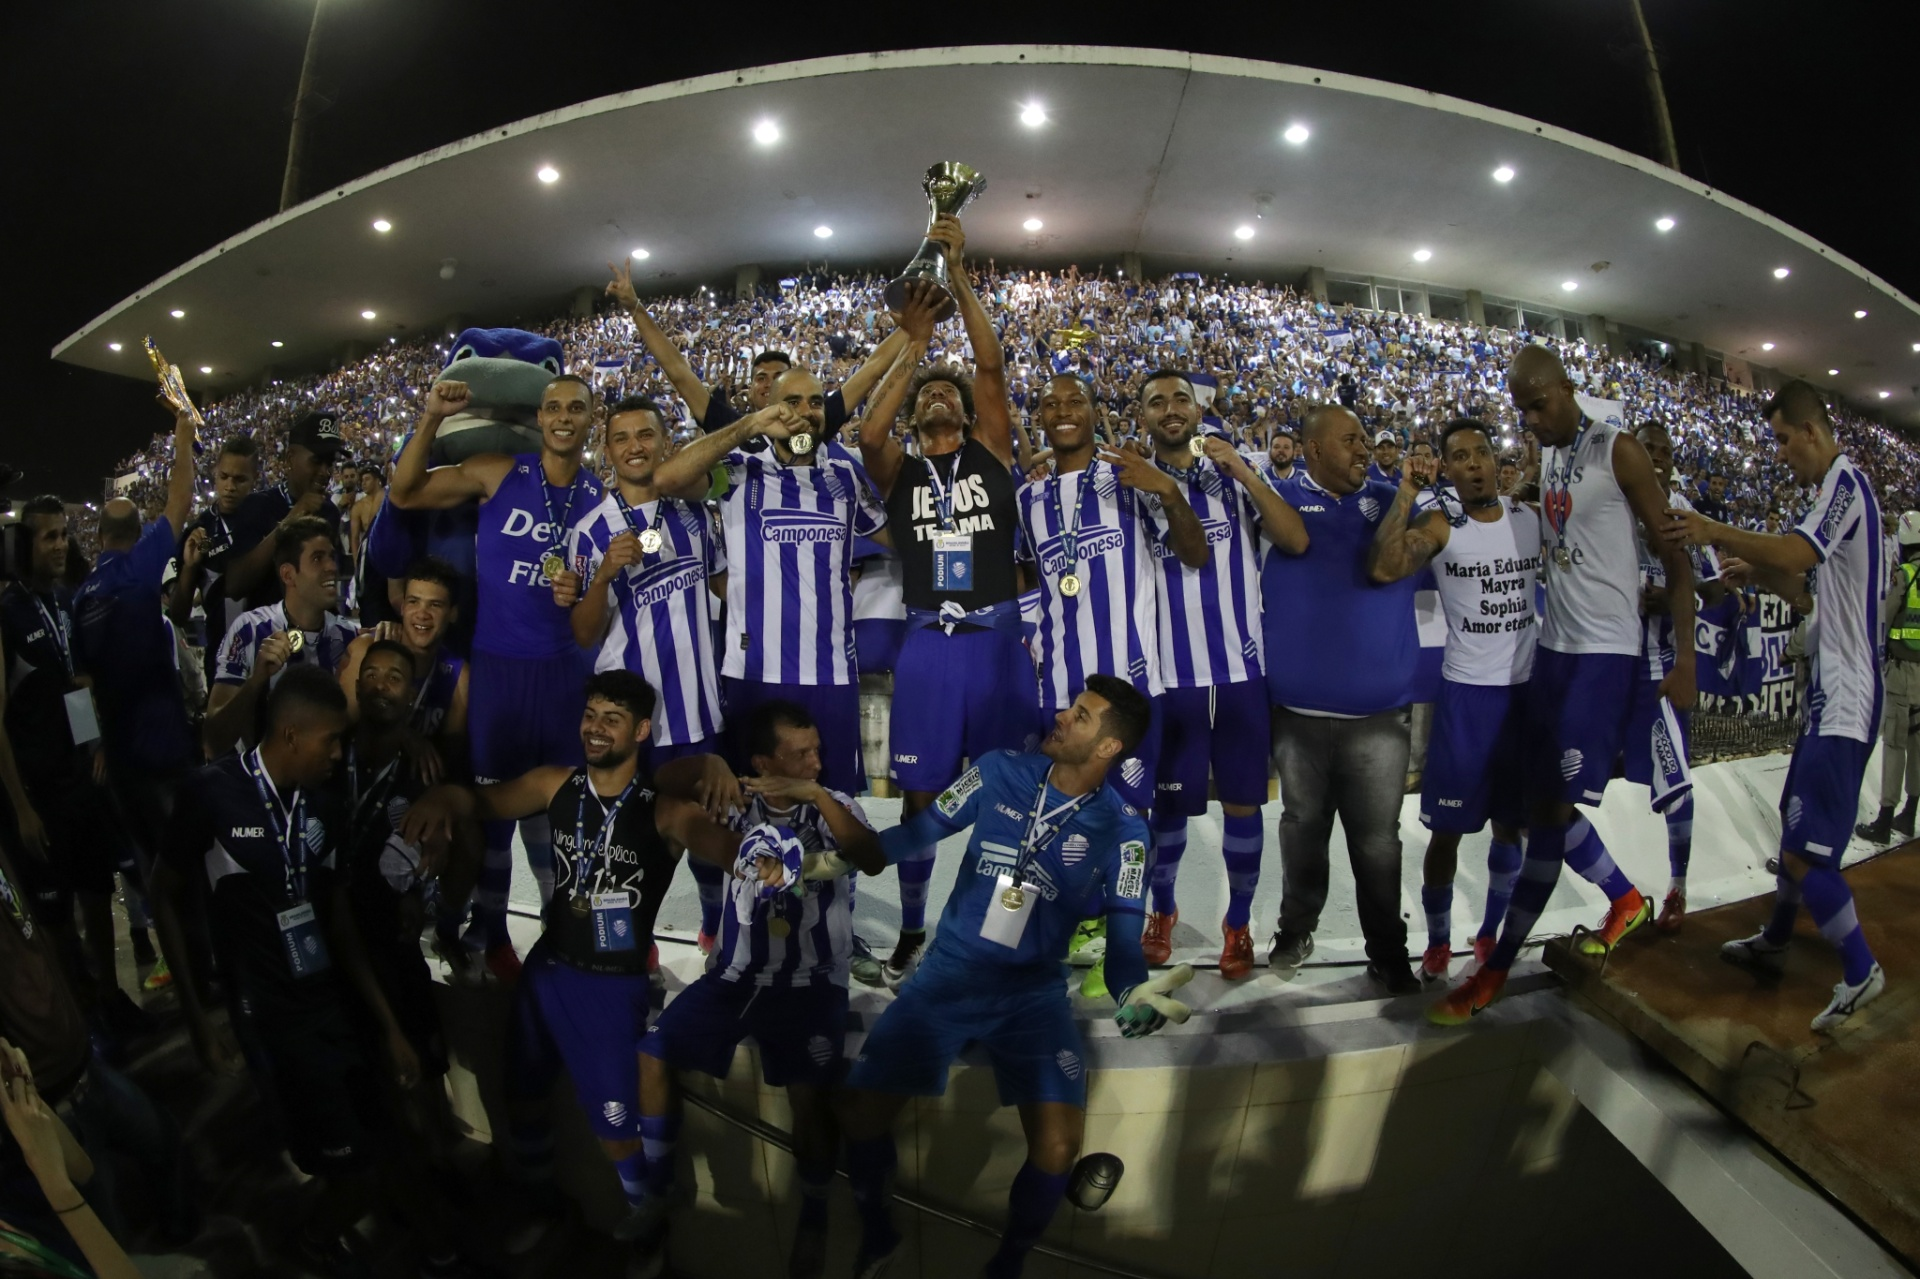 b0e91d5a7 CSA fica no 0 a 0 com Fortaleza e é campeão da Série C pelo placar agregado  - 21 10 2017 - UOL Esporte